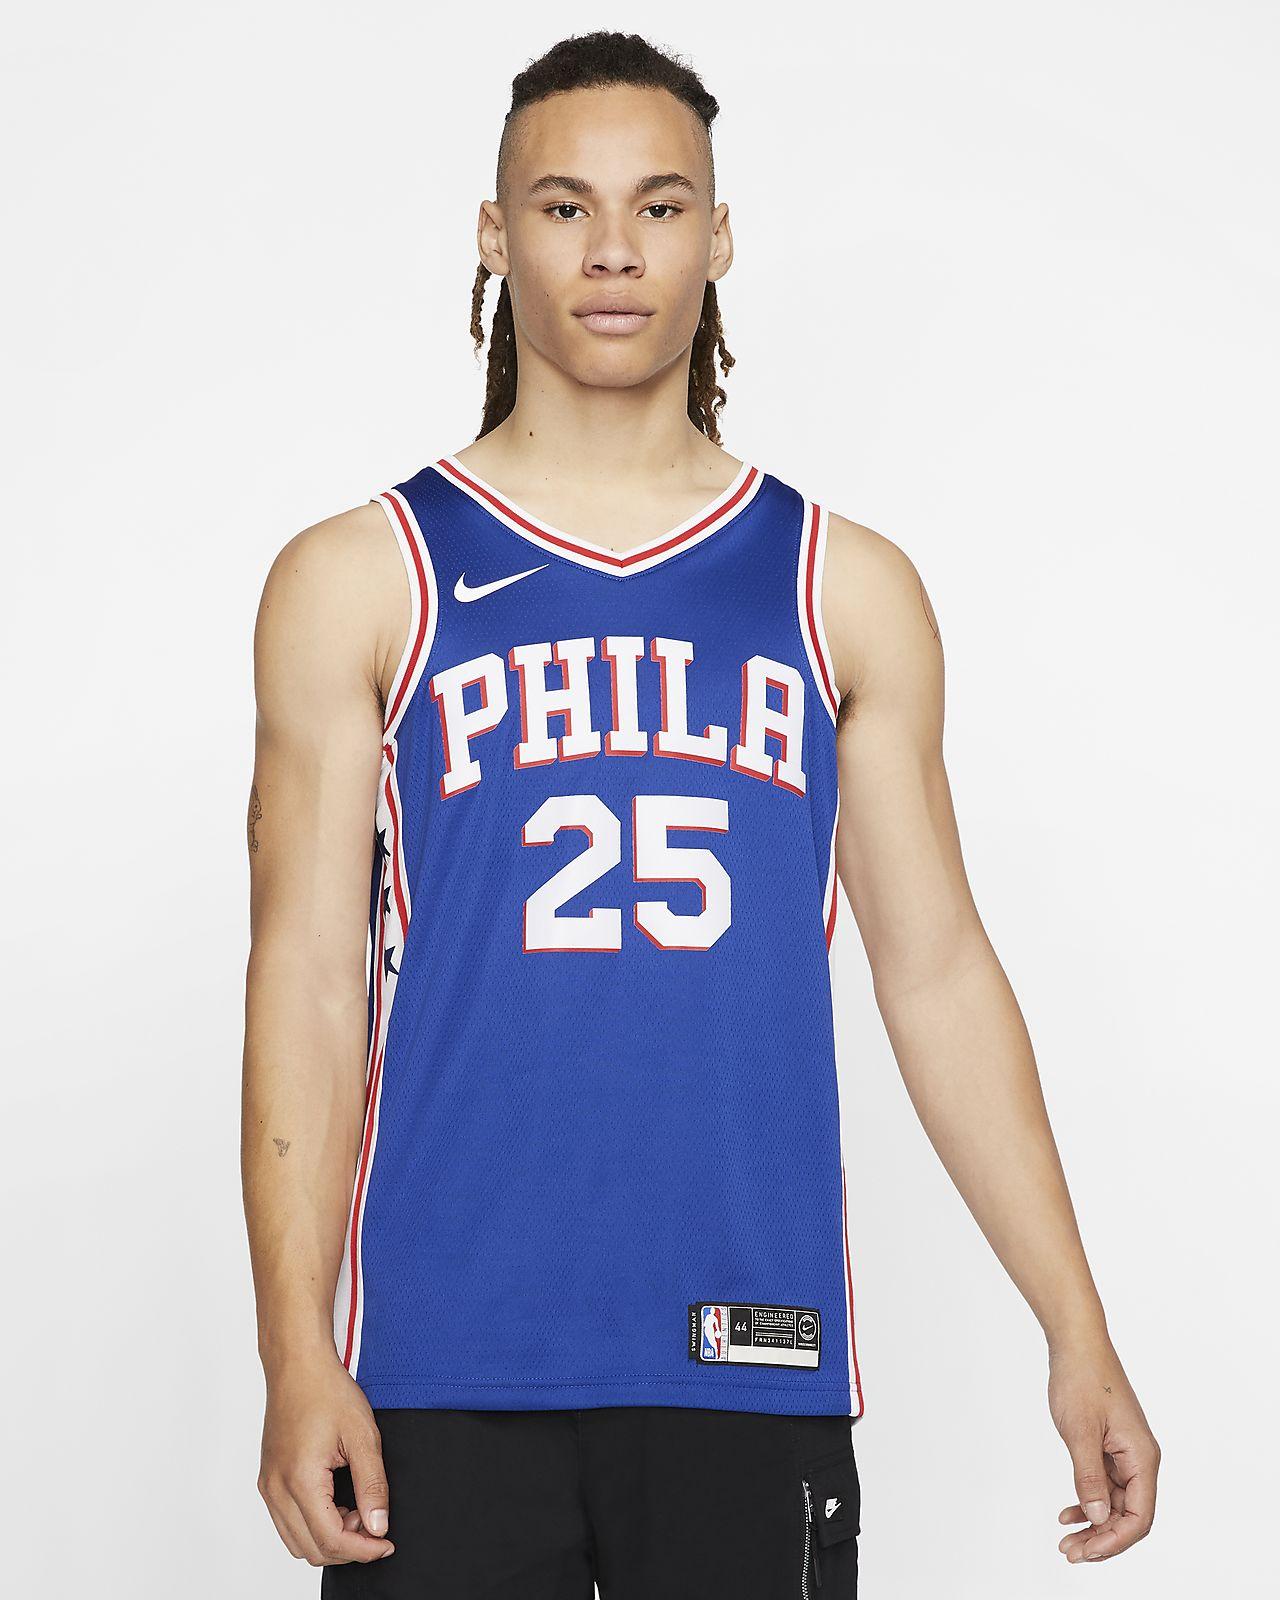 ベン シモンズ アイコン エディション スウィングマン (フィラデルフィア・セブンティシクサーズ) メンズ ナイキ NBA コネクテッド ジャージー